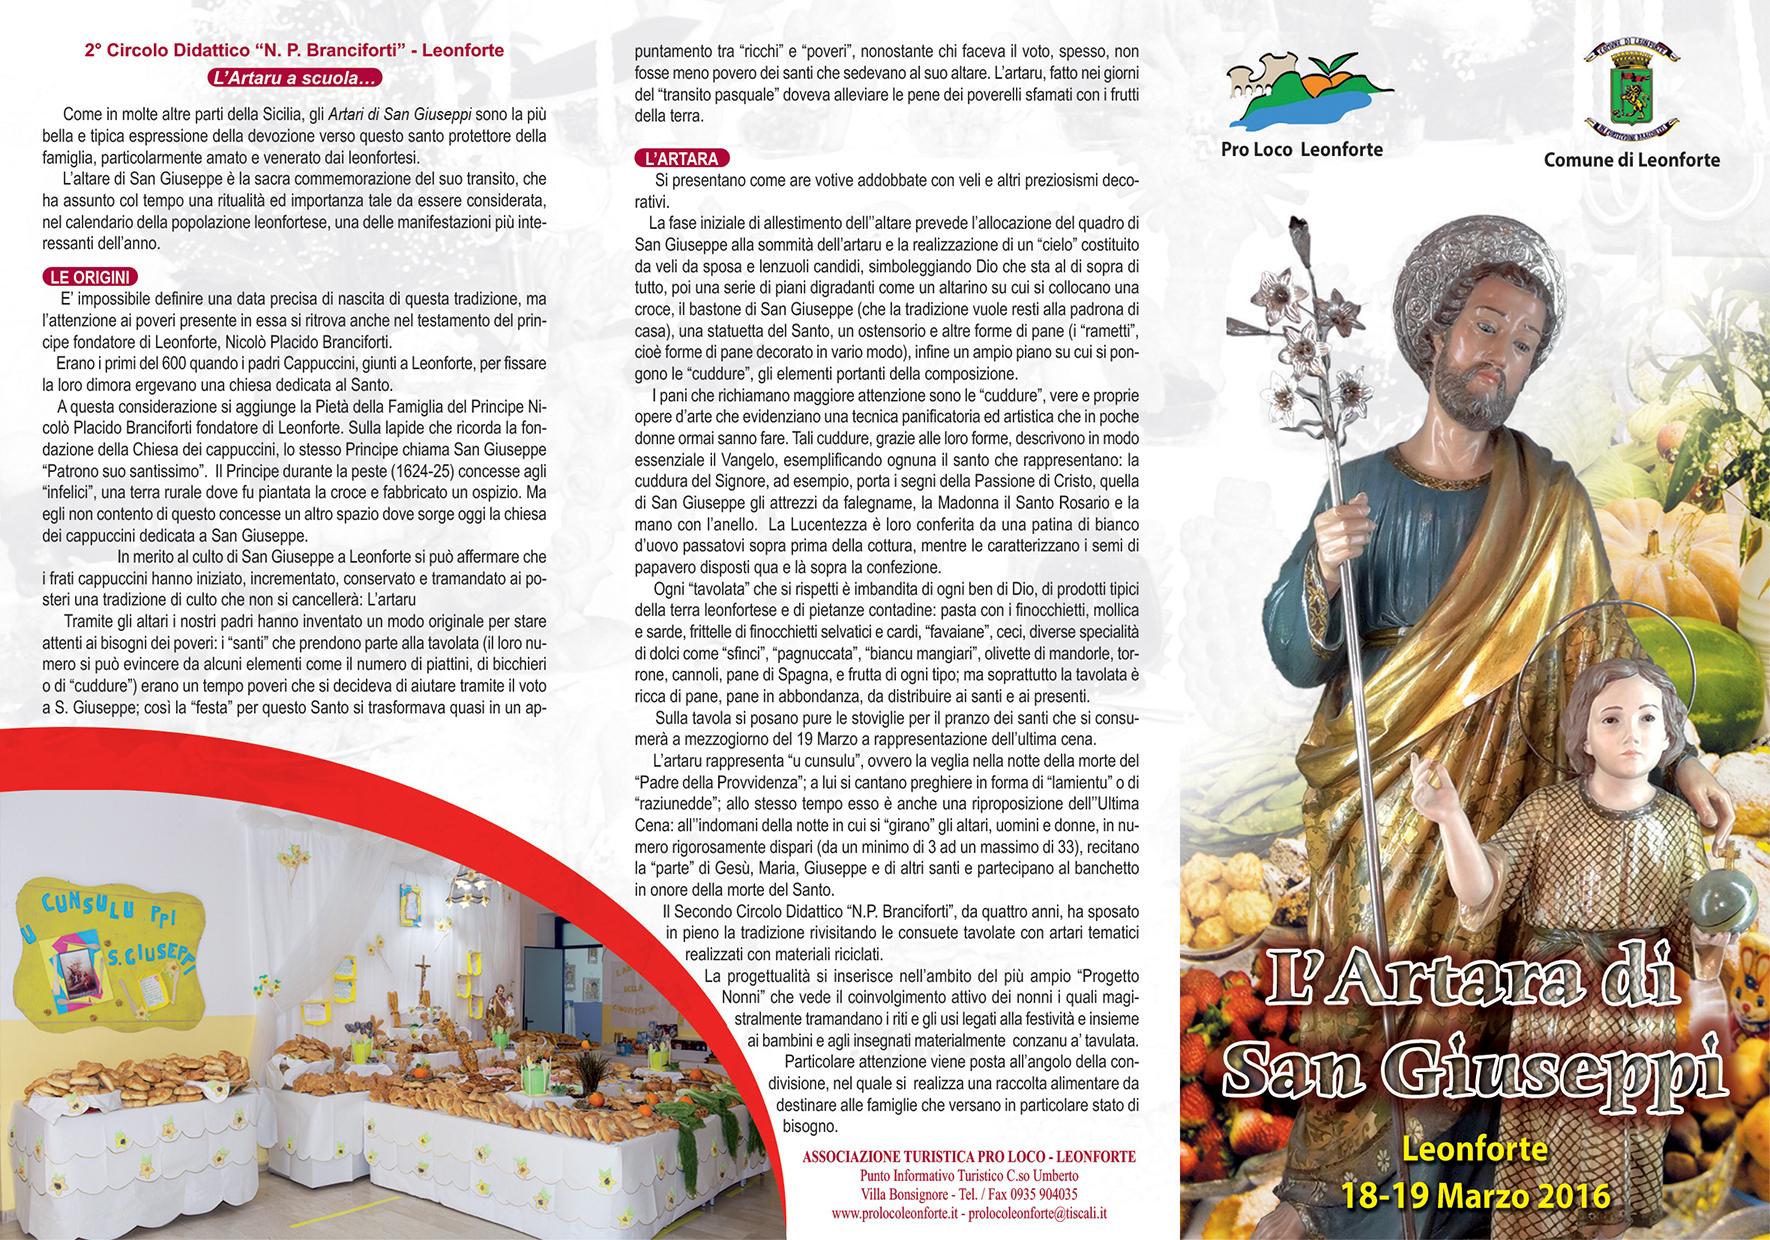 L'artara di San Giuseppe – Leonforte 18-19 marzo 2016